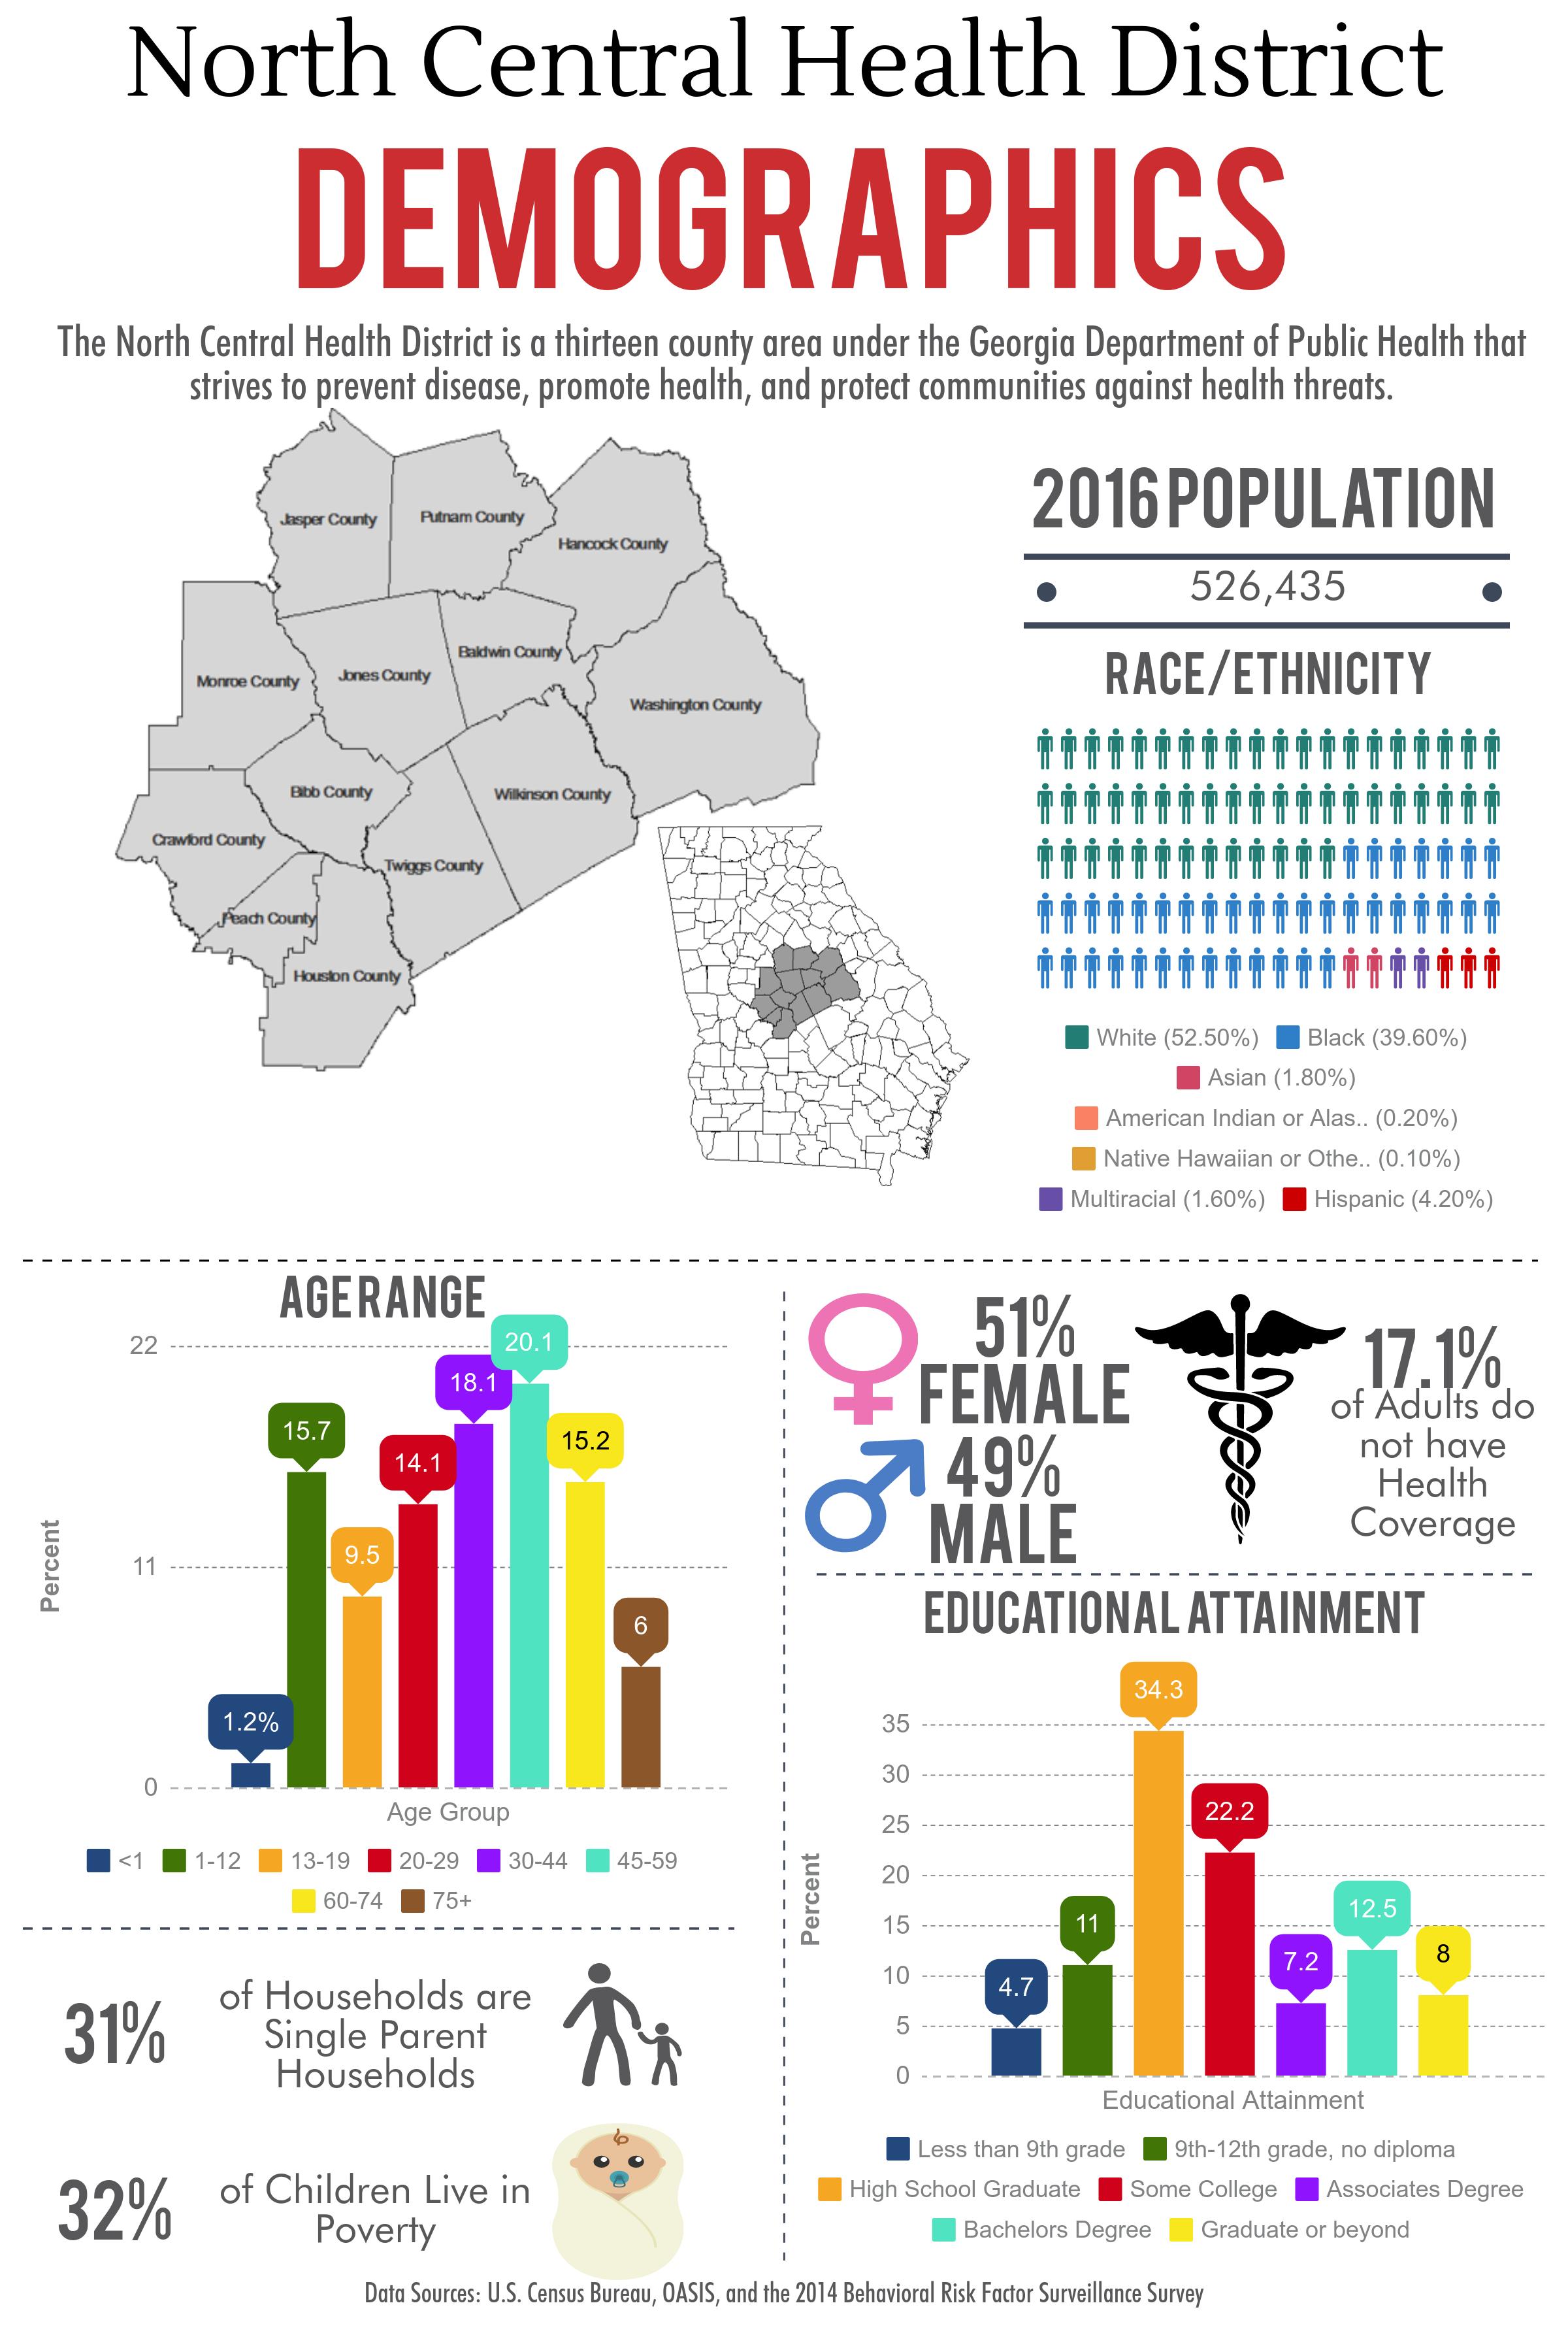 NCHD Demographics